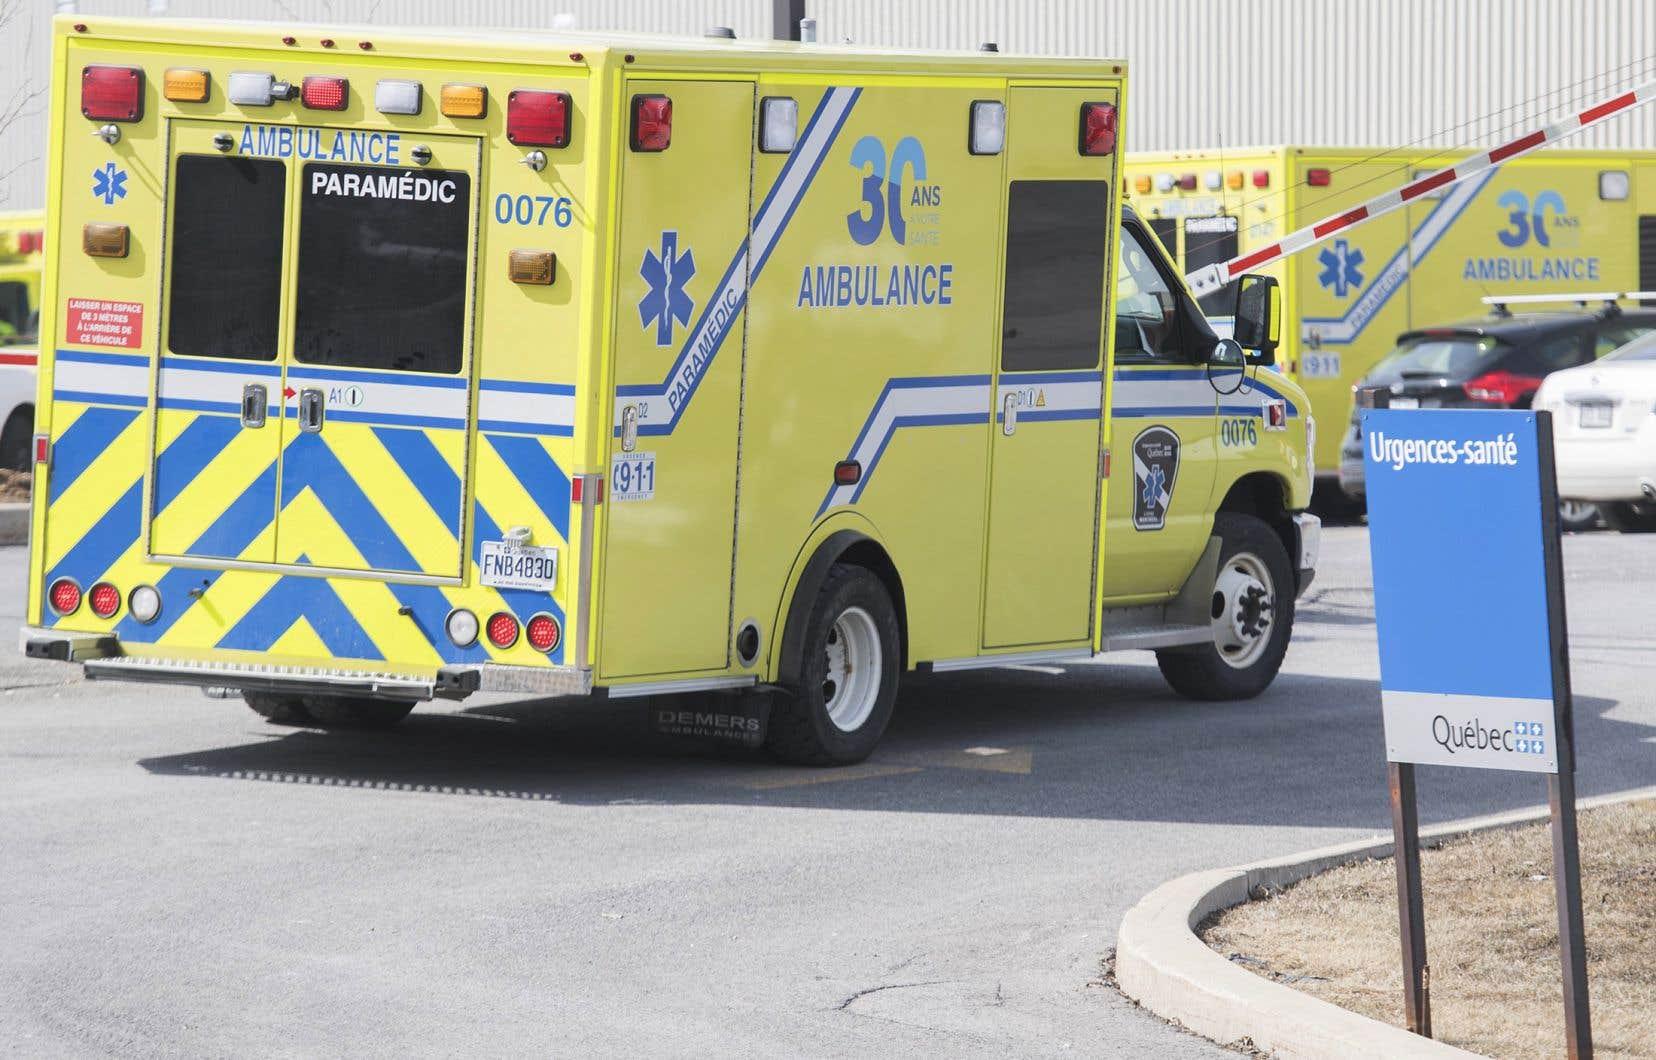 «Ainsi, près de 60% des hôpitaux ruraux sont à plus de 150km d'un centre de traumatologie secondaire ou tertiaire», dit l'auteur.